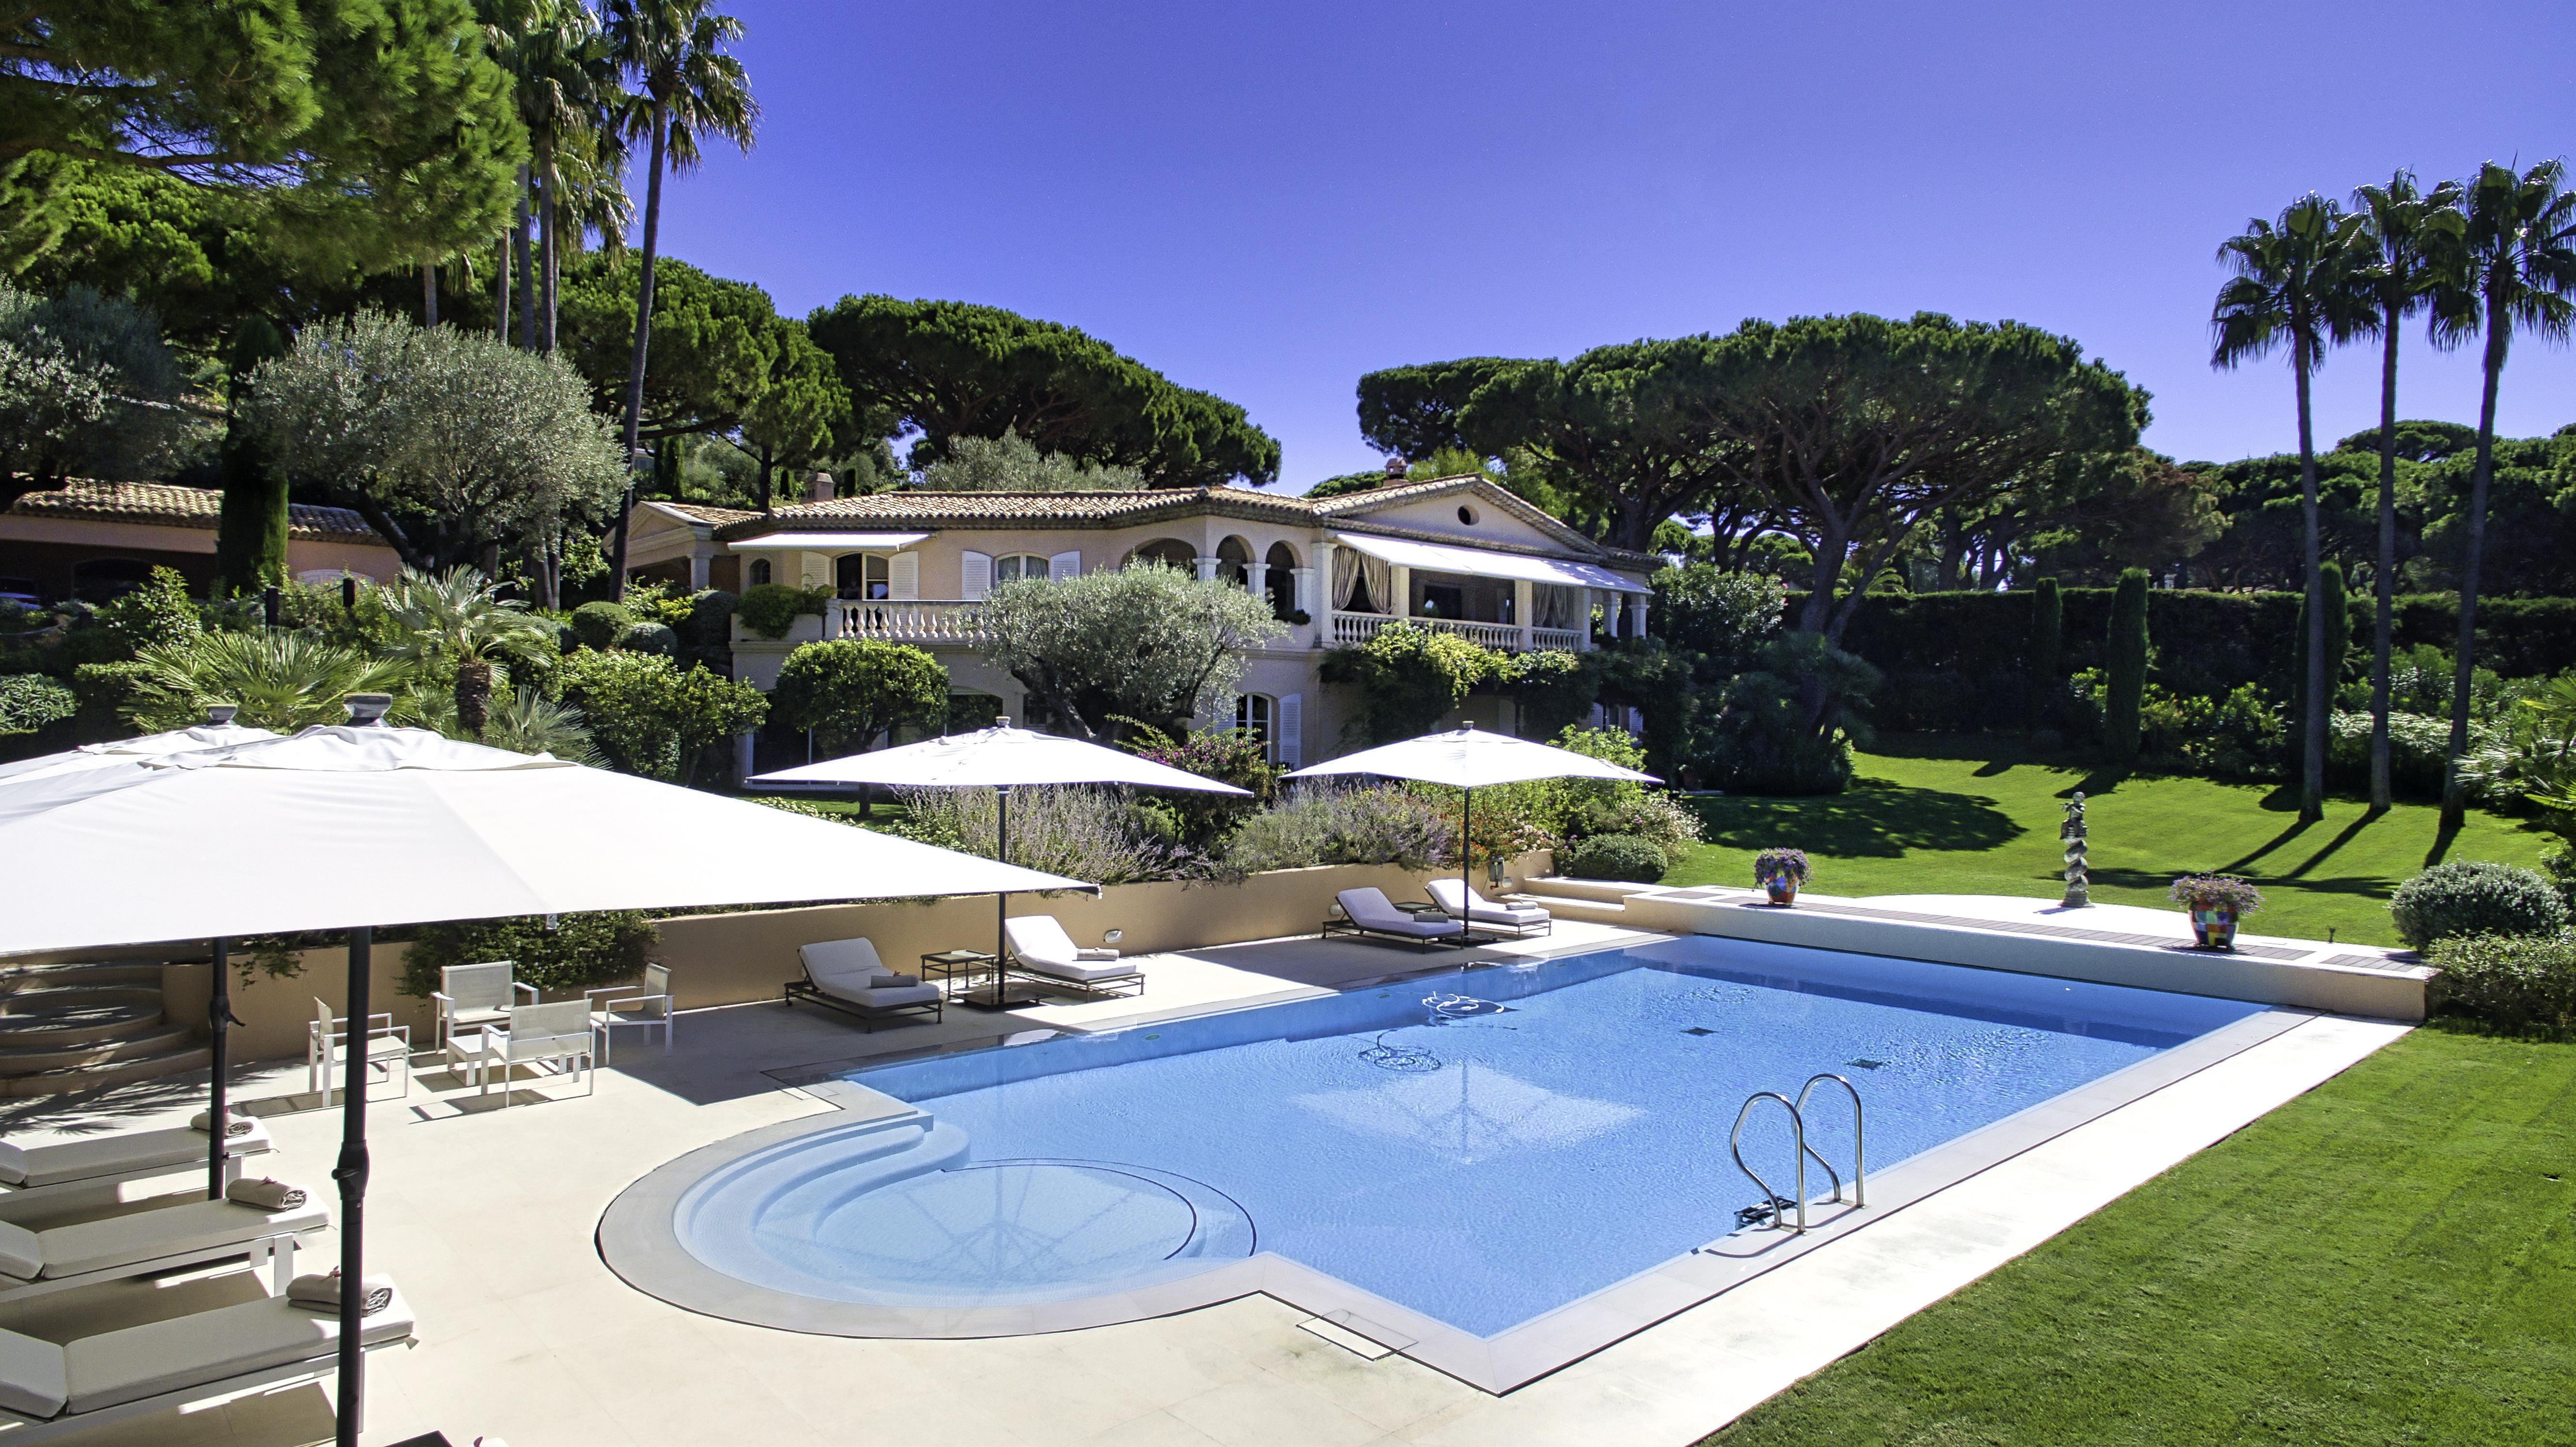 Villa em Saint-Tropez à venda por 19,99 milhões de euros.  / Fonte: Engel & Völkers Market Center Côte d'Azur